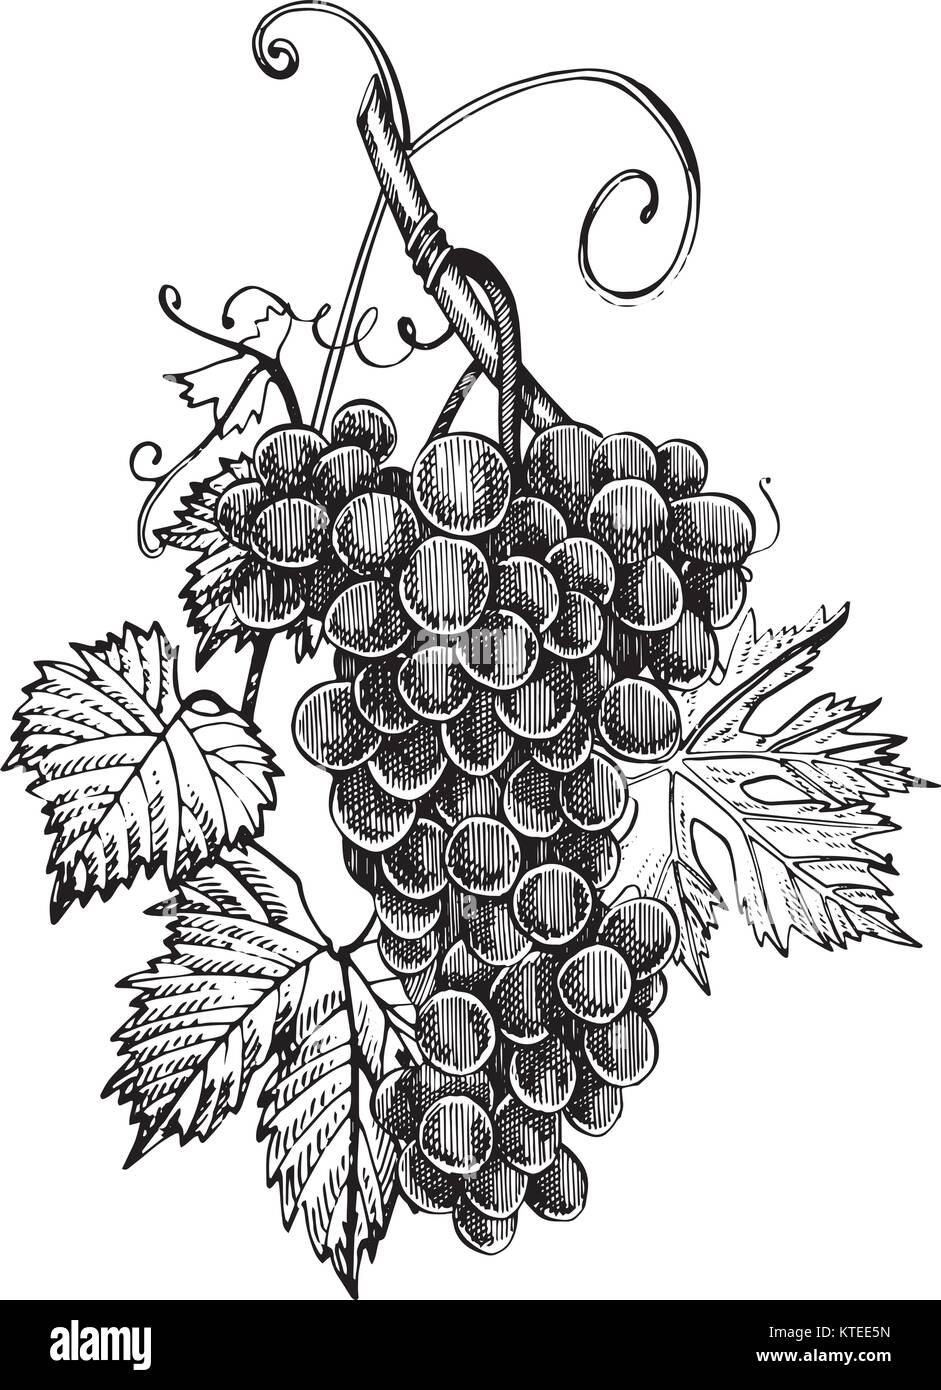 uvas desenho monocromático mão de cachos de uva isolado no fundo